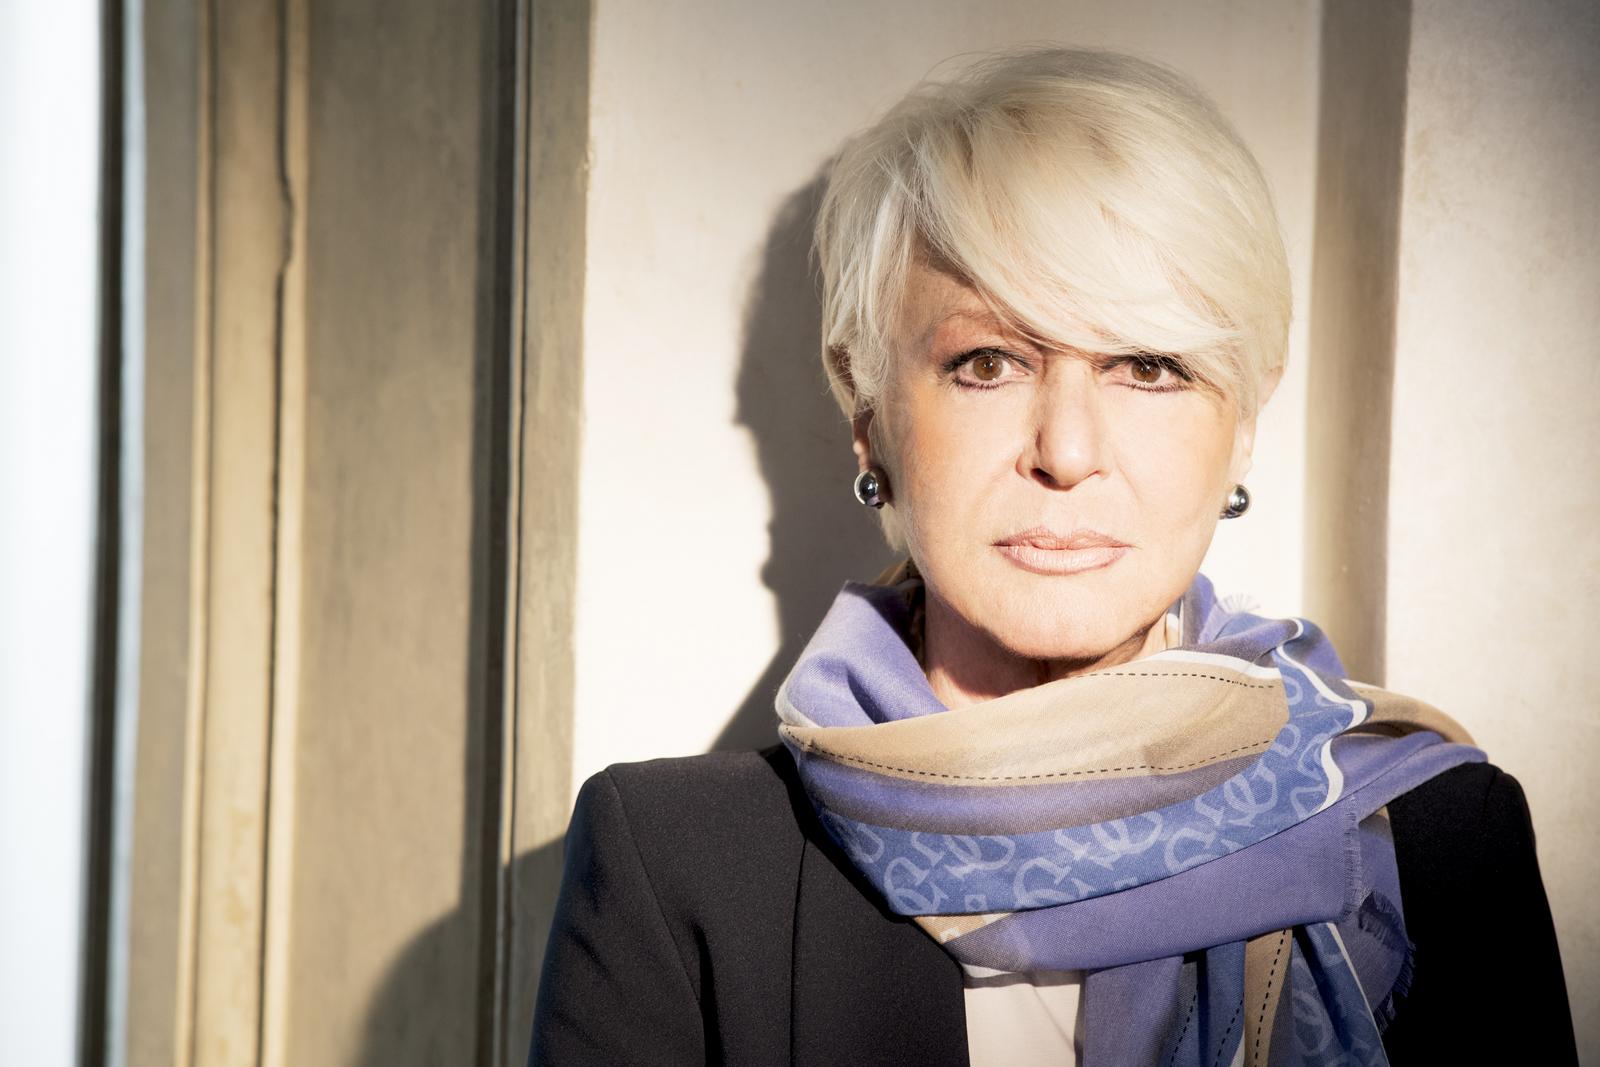 Loretta Goggi - Tutto sull'artista - Biografia - Carriera - Vita privata ...